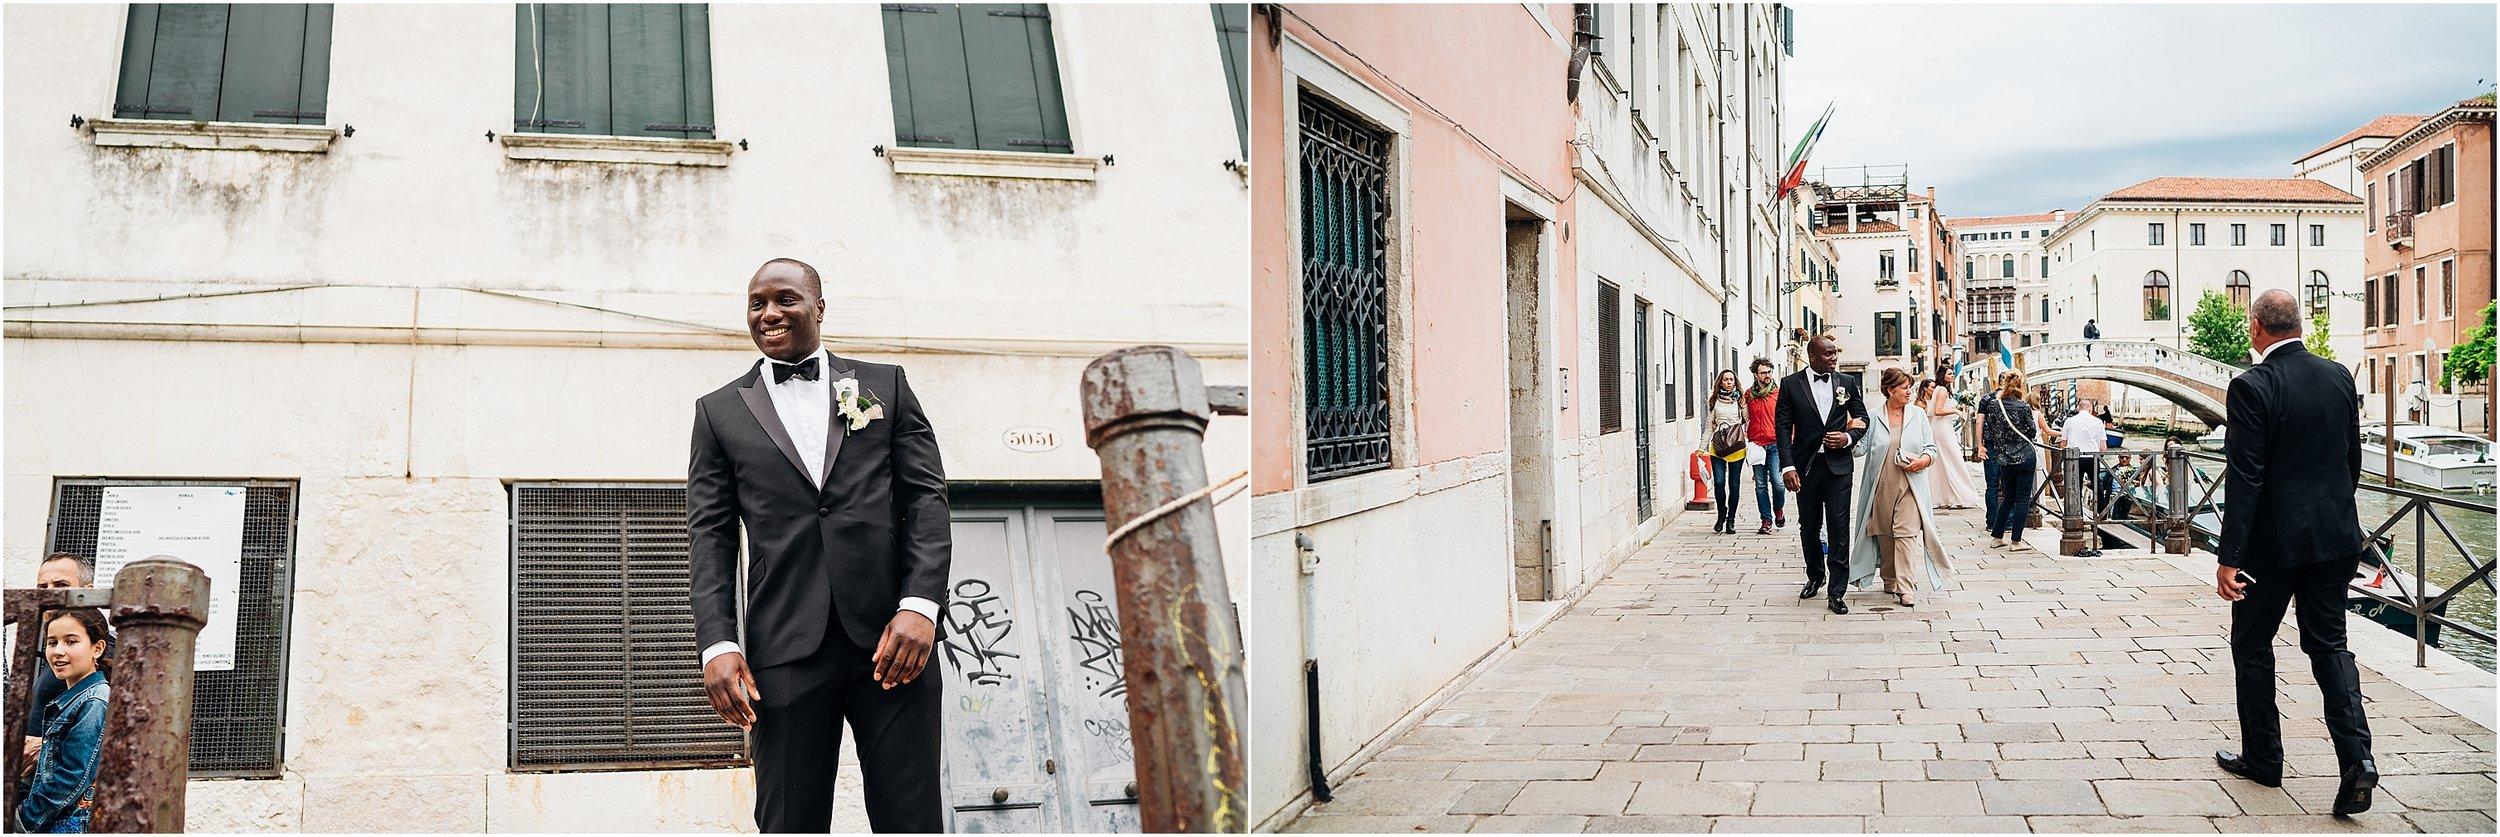 VENICE WEDDING PHOTOGRAPHER_0028.jpg